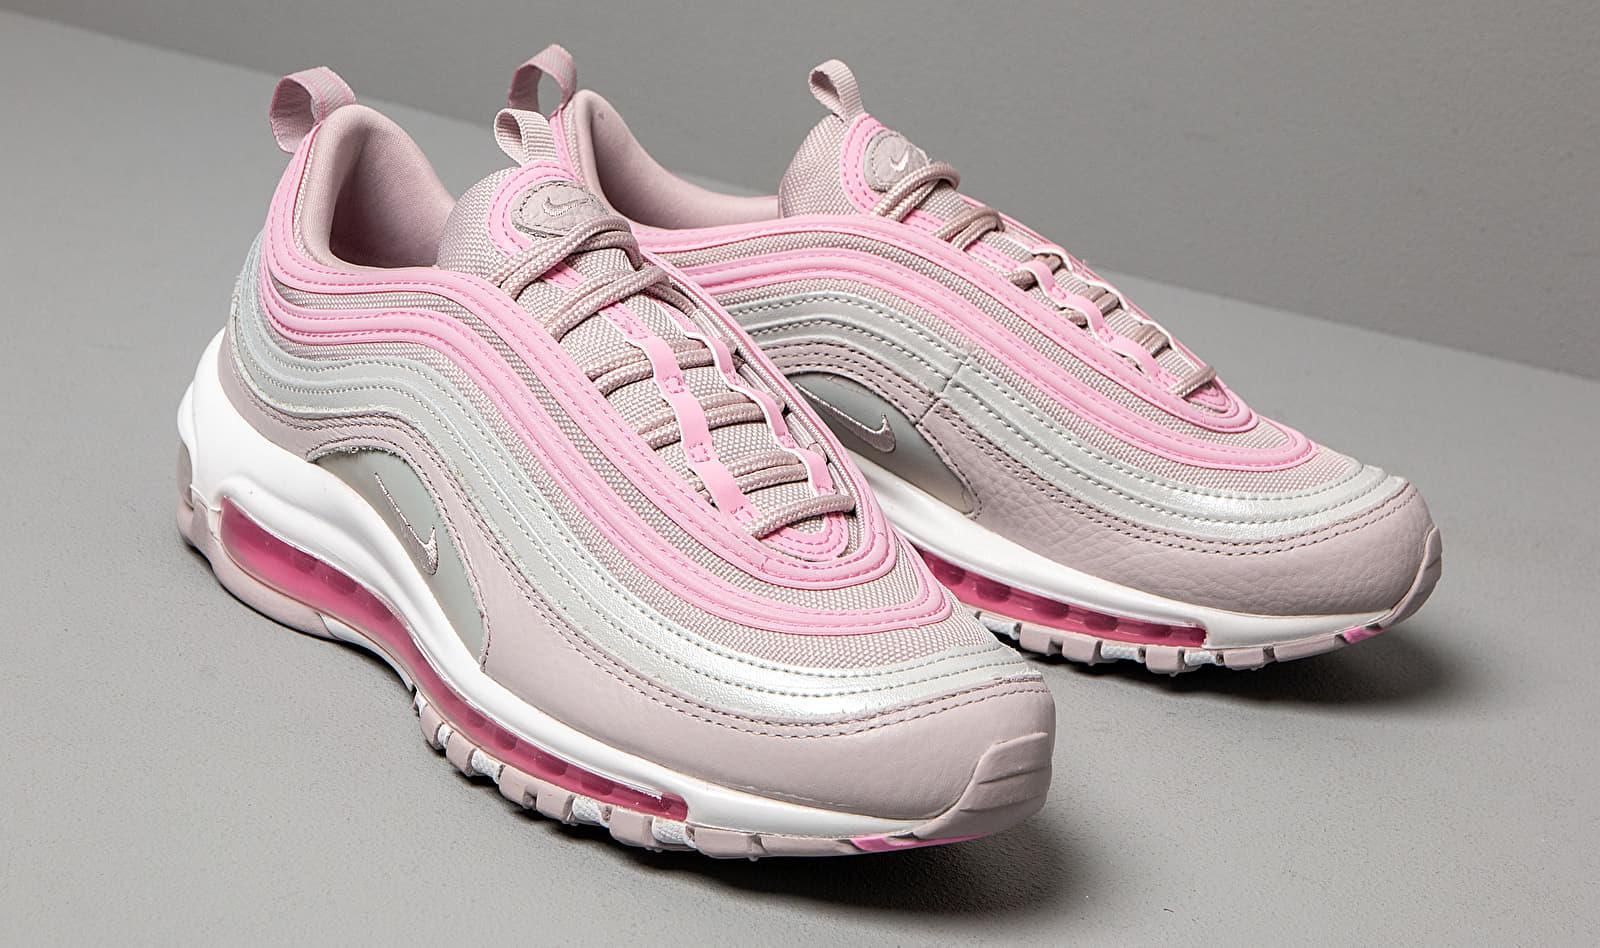 Nike Air max 97 lx sneakers Pink | Luisaviaroma